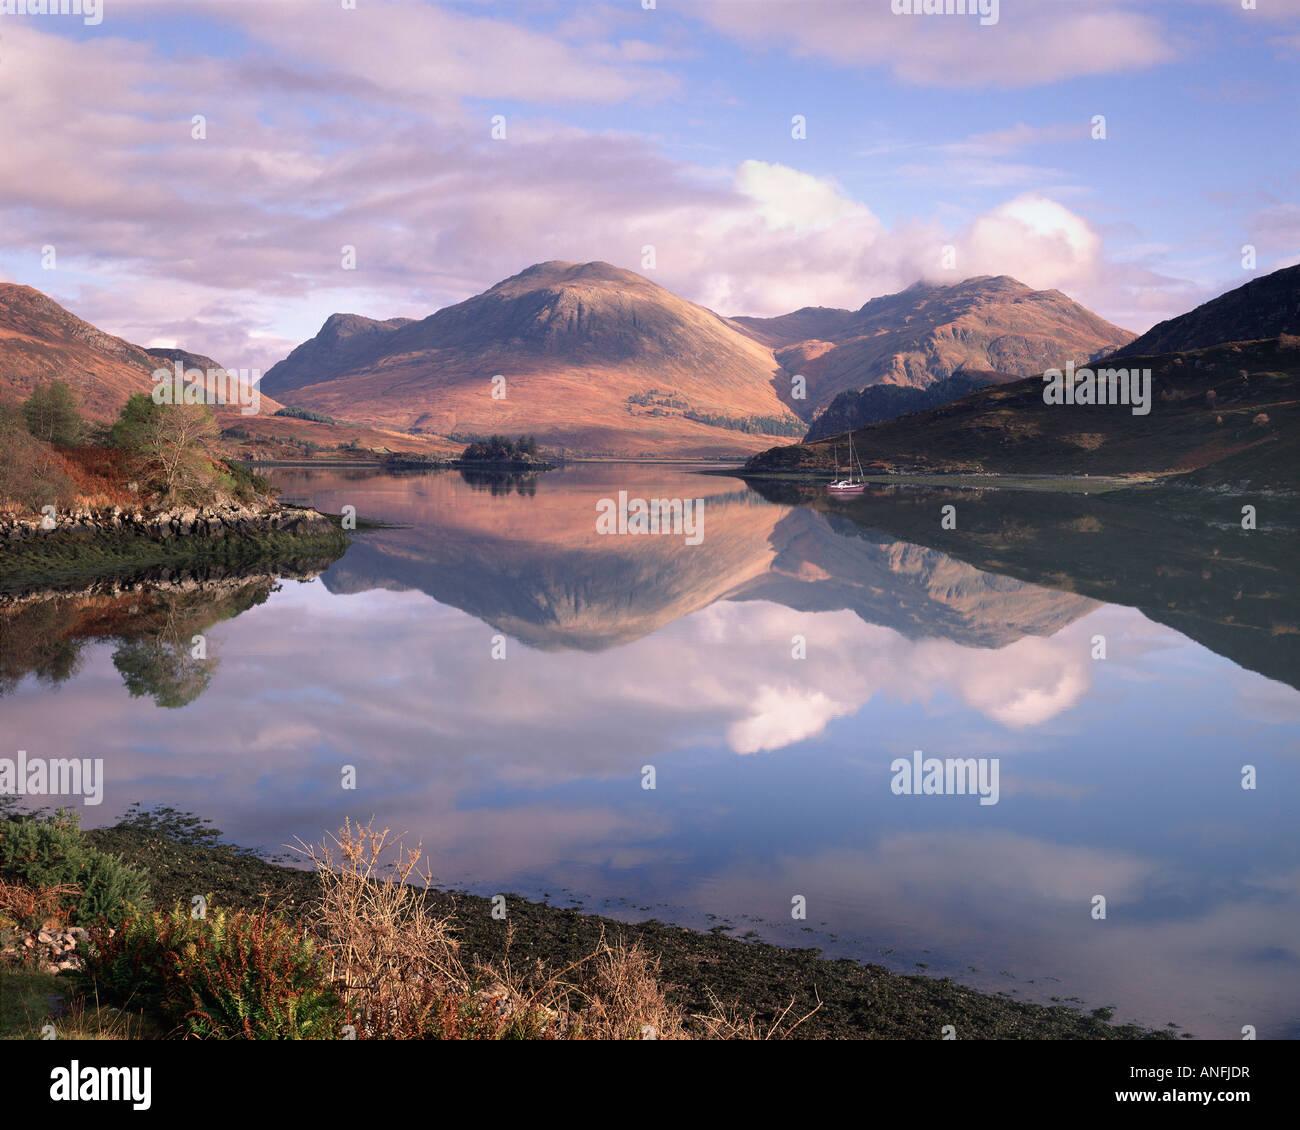 GB - Escocia: Noche en Loch largo Imagen De Stock